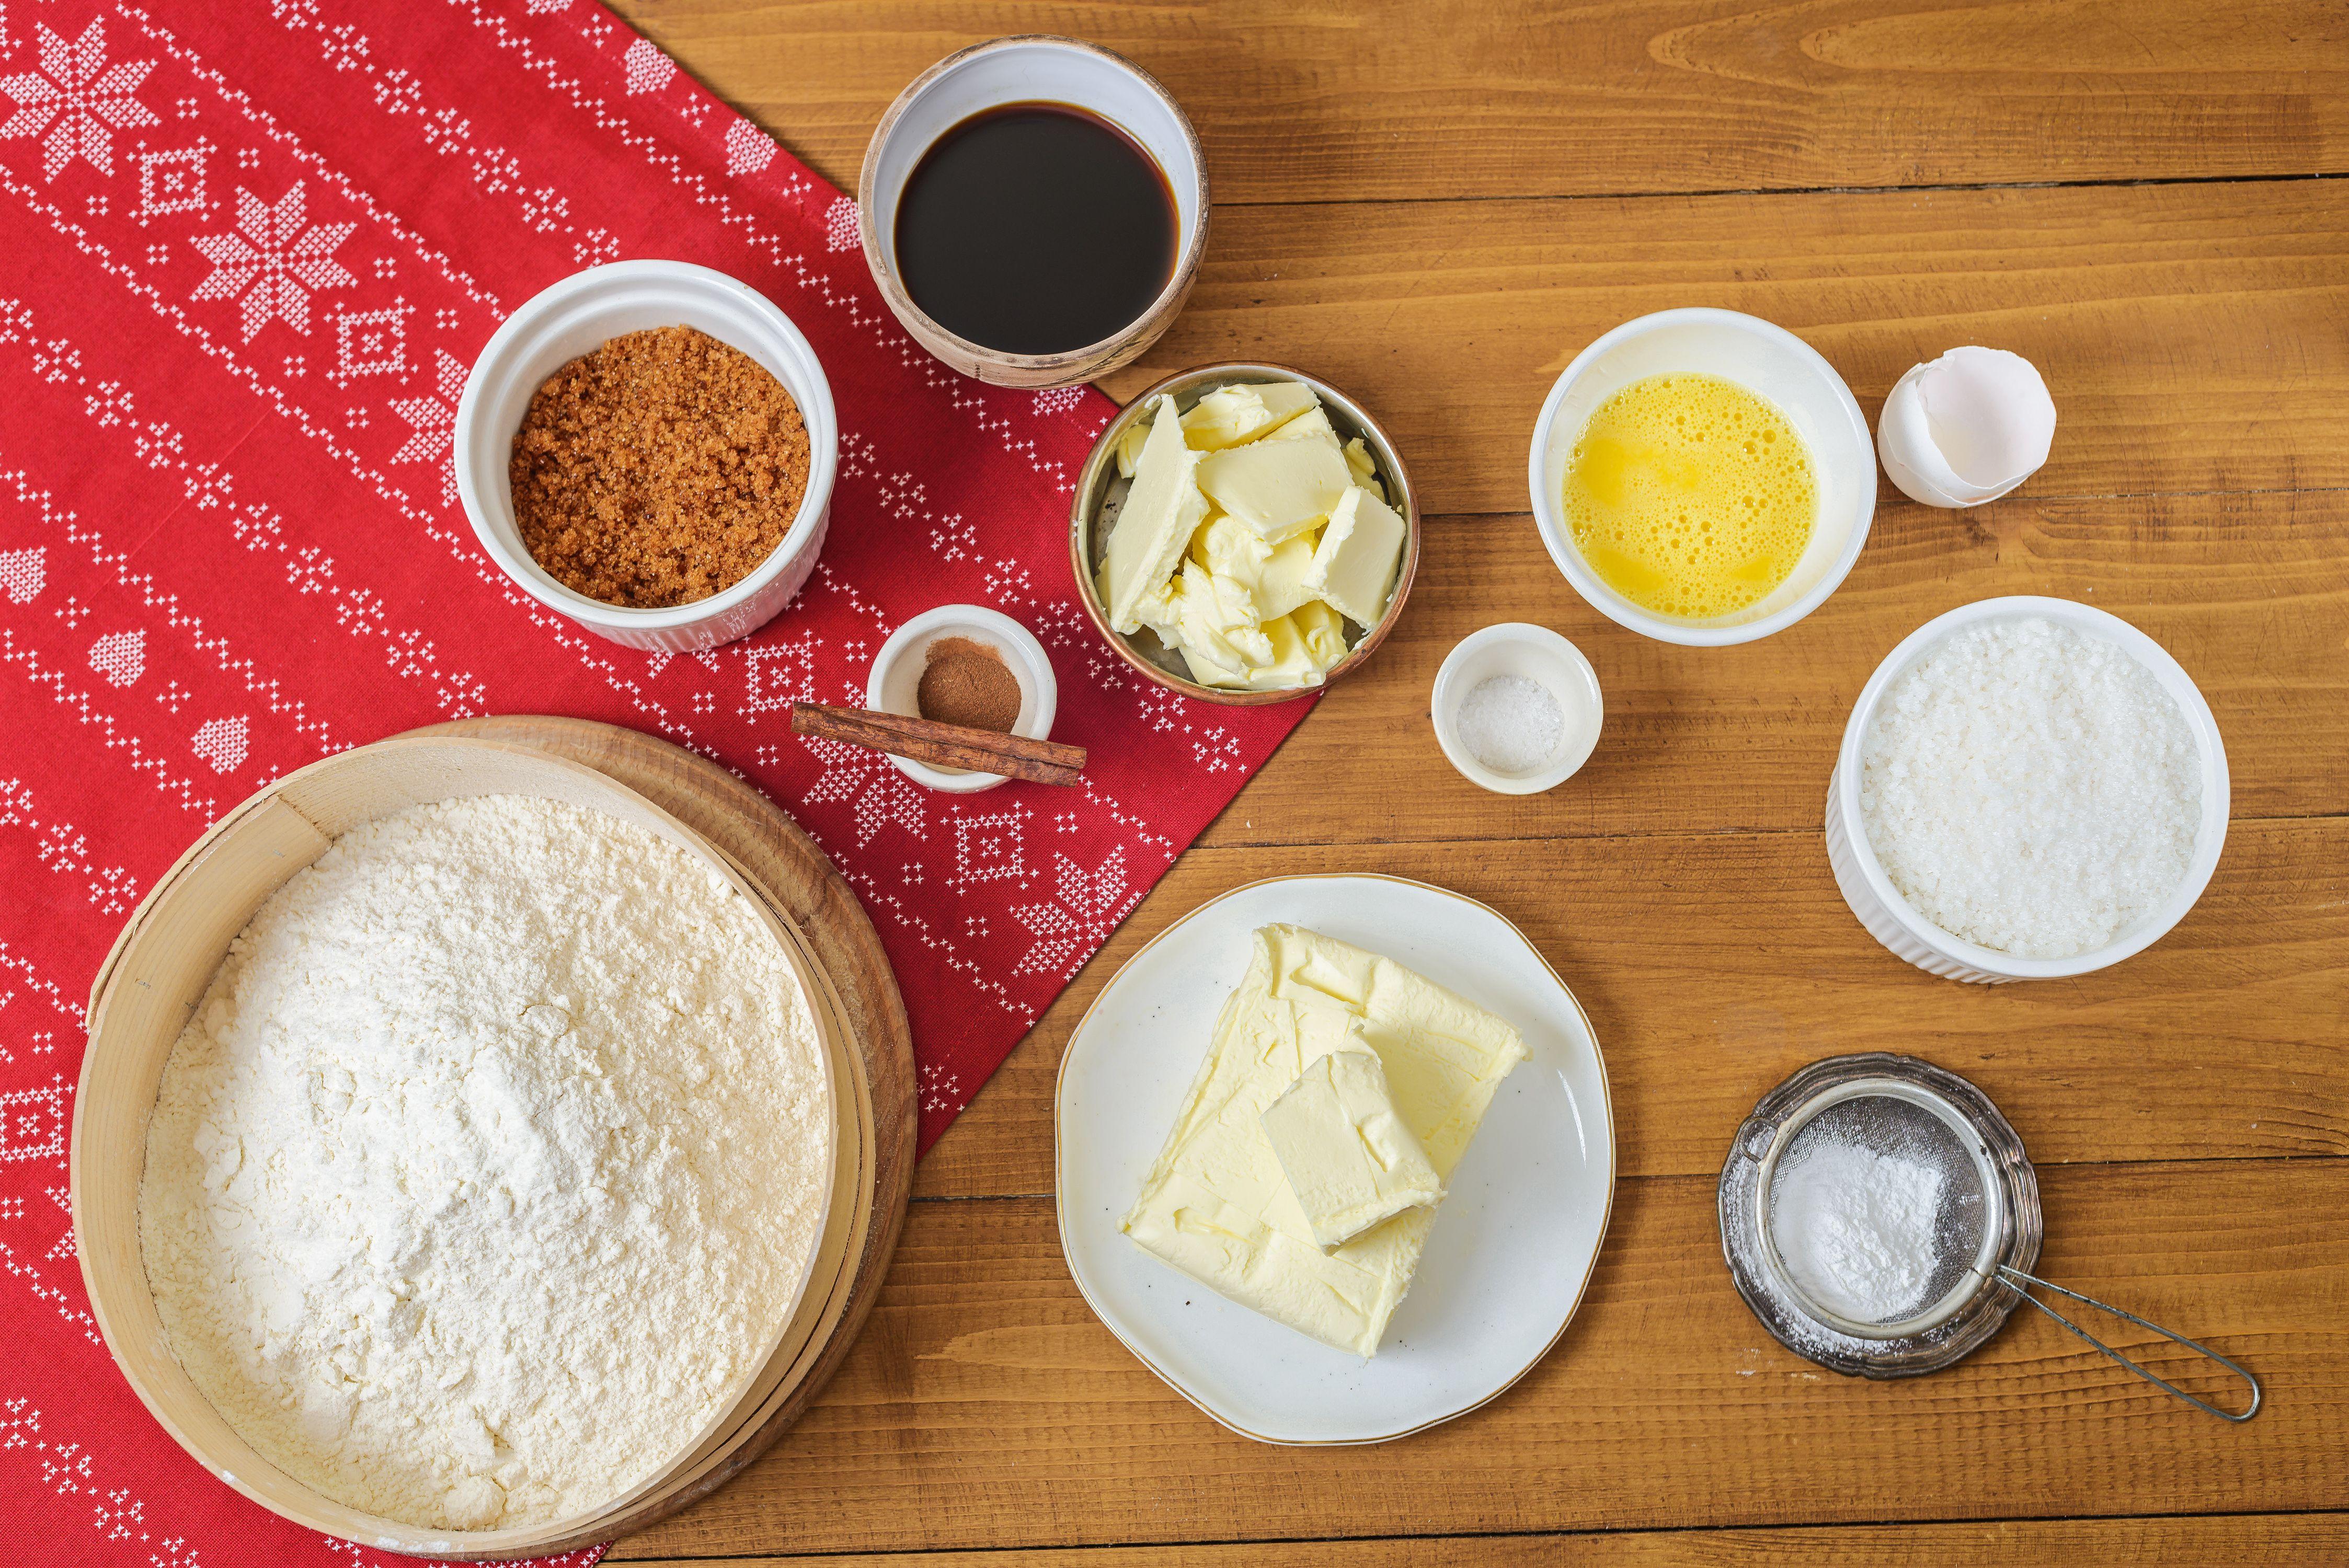 Ingredients for Stroopkoeken cookies